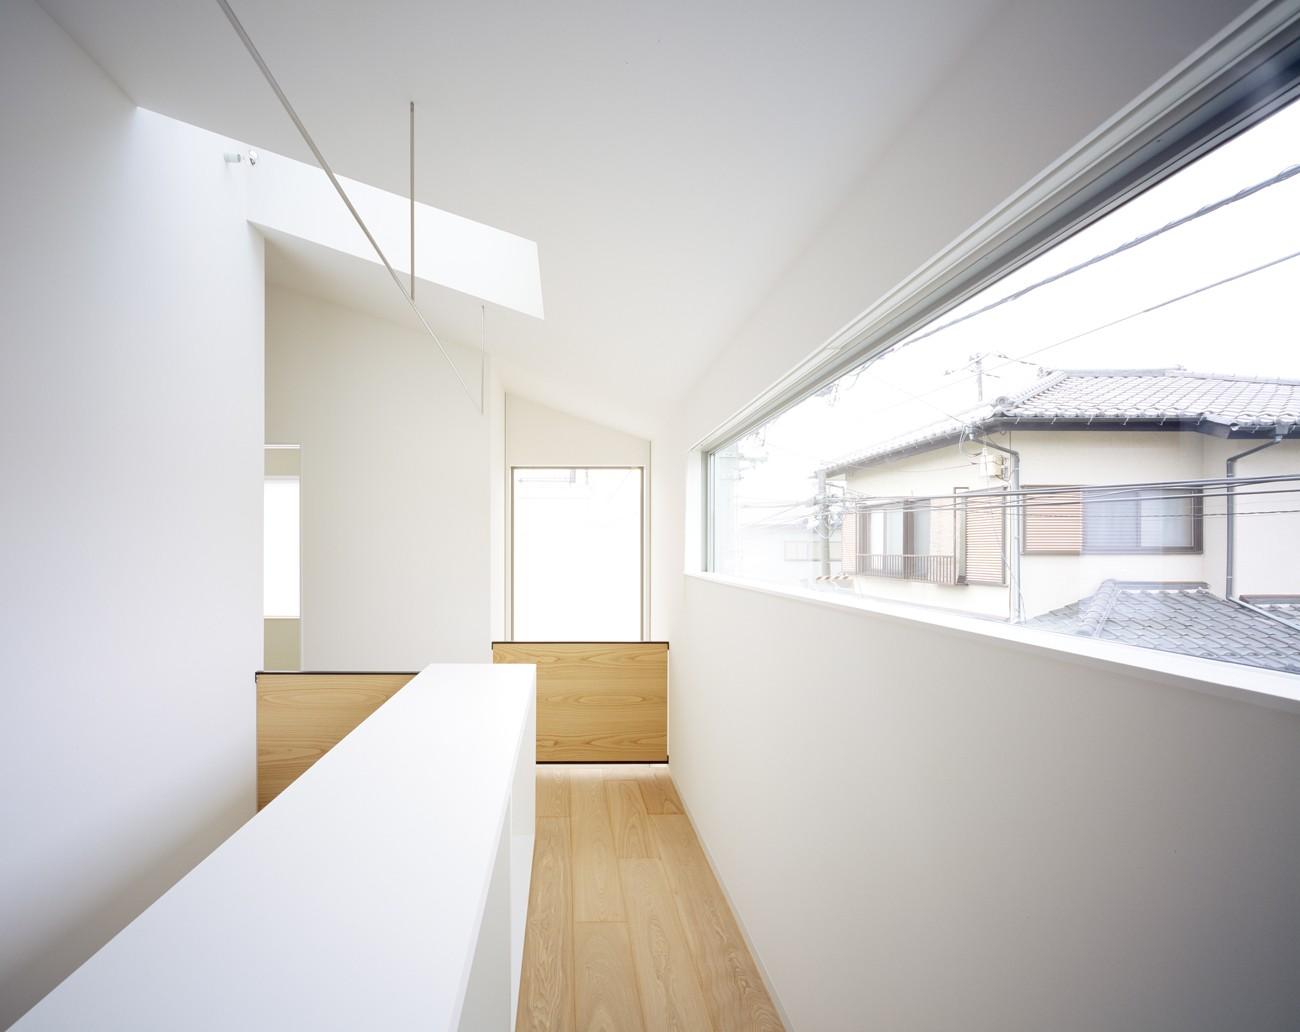 リビングダイニング事例:物干しスペース(武蔵小金井の家_敷地全体を使いこなすコンパクトな住まい)